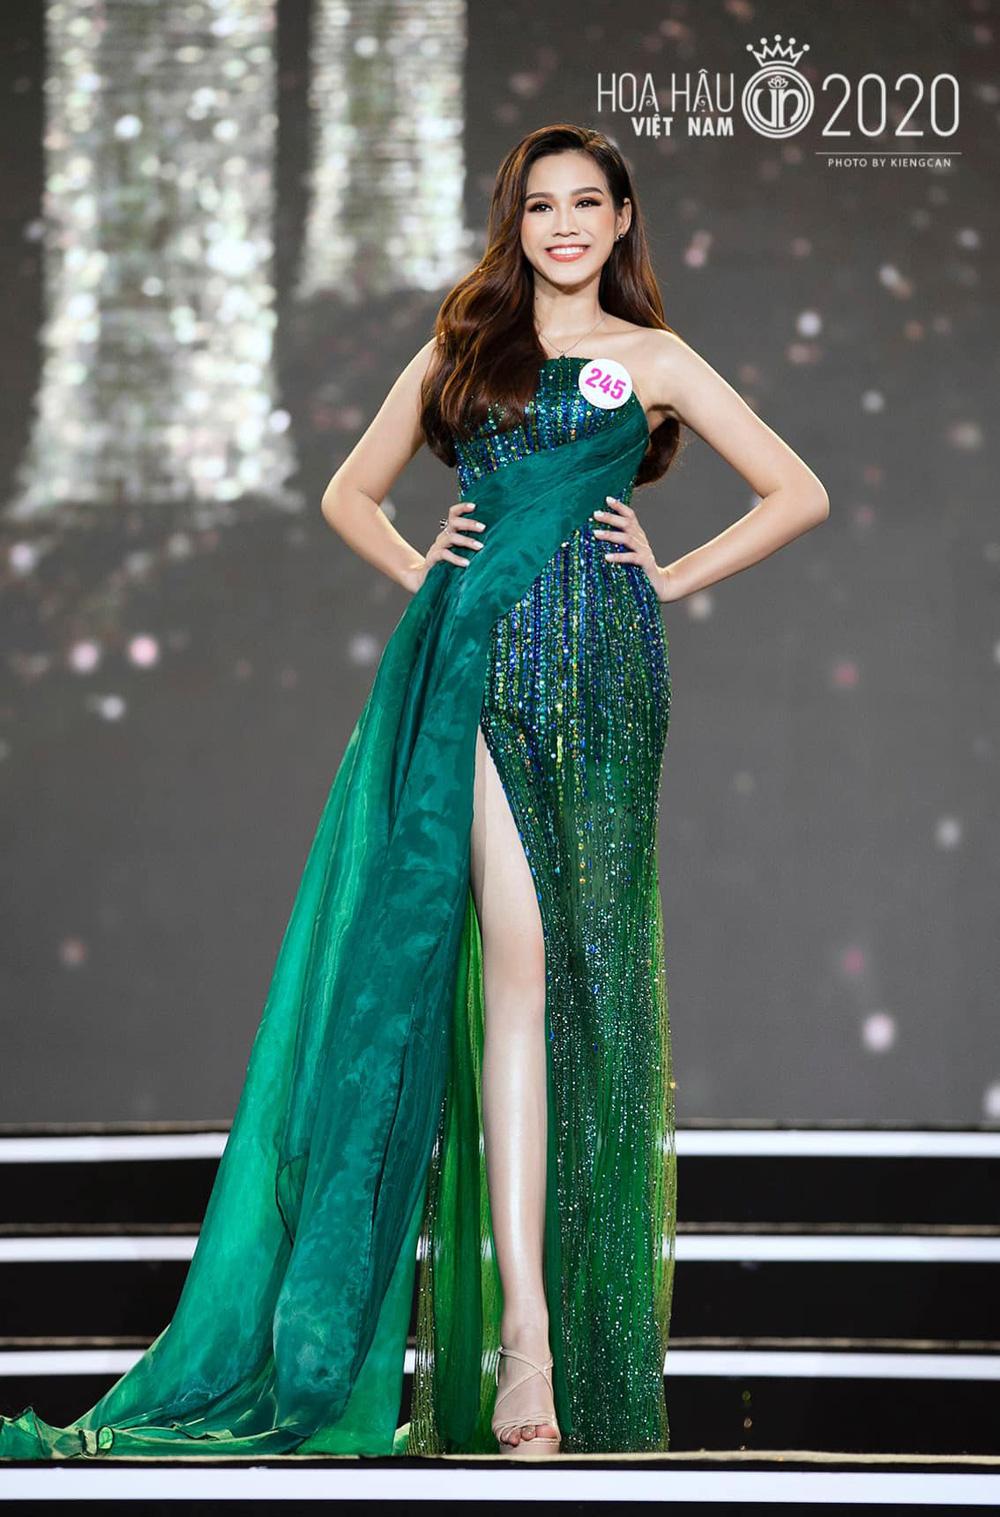 Hành trình từ nữ sinh Thanh Hóa đến tân Hoa hậu Việt Nam 2020 của Đỗ Thị Hà - Ảnh 9.